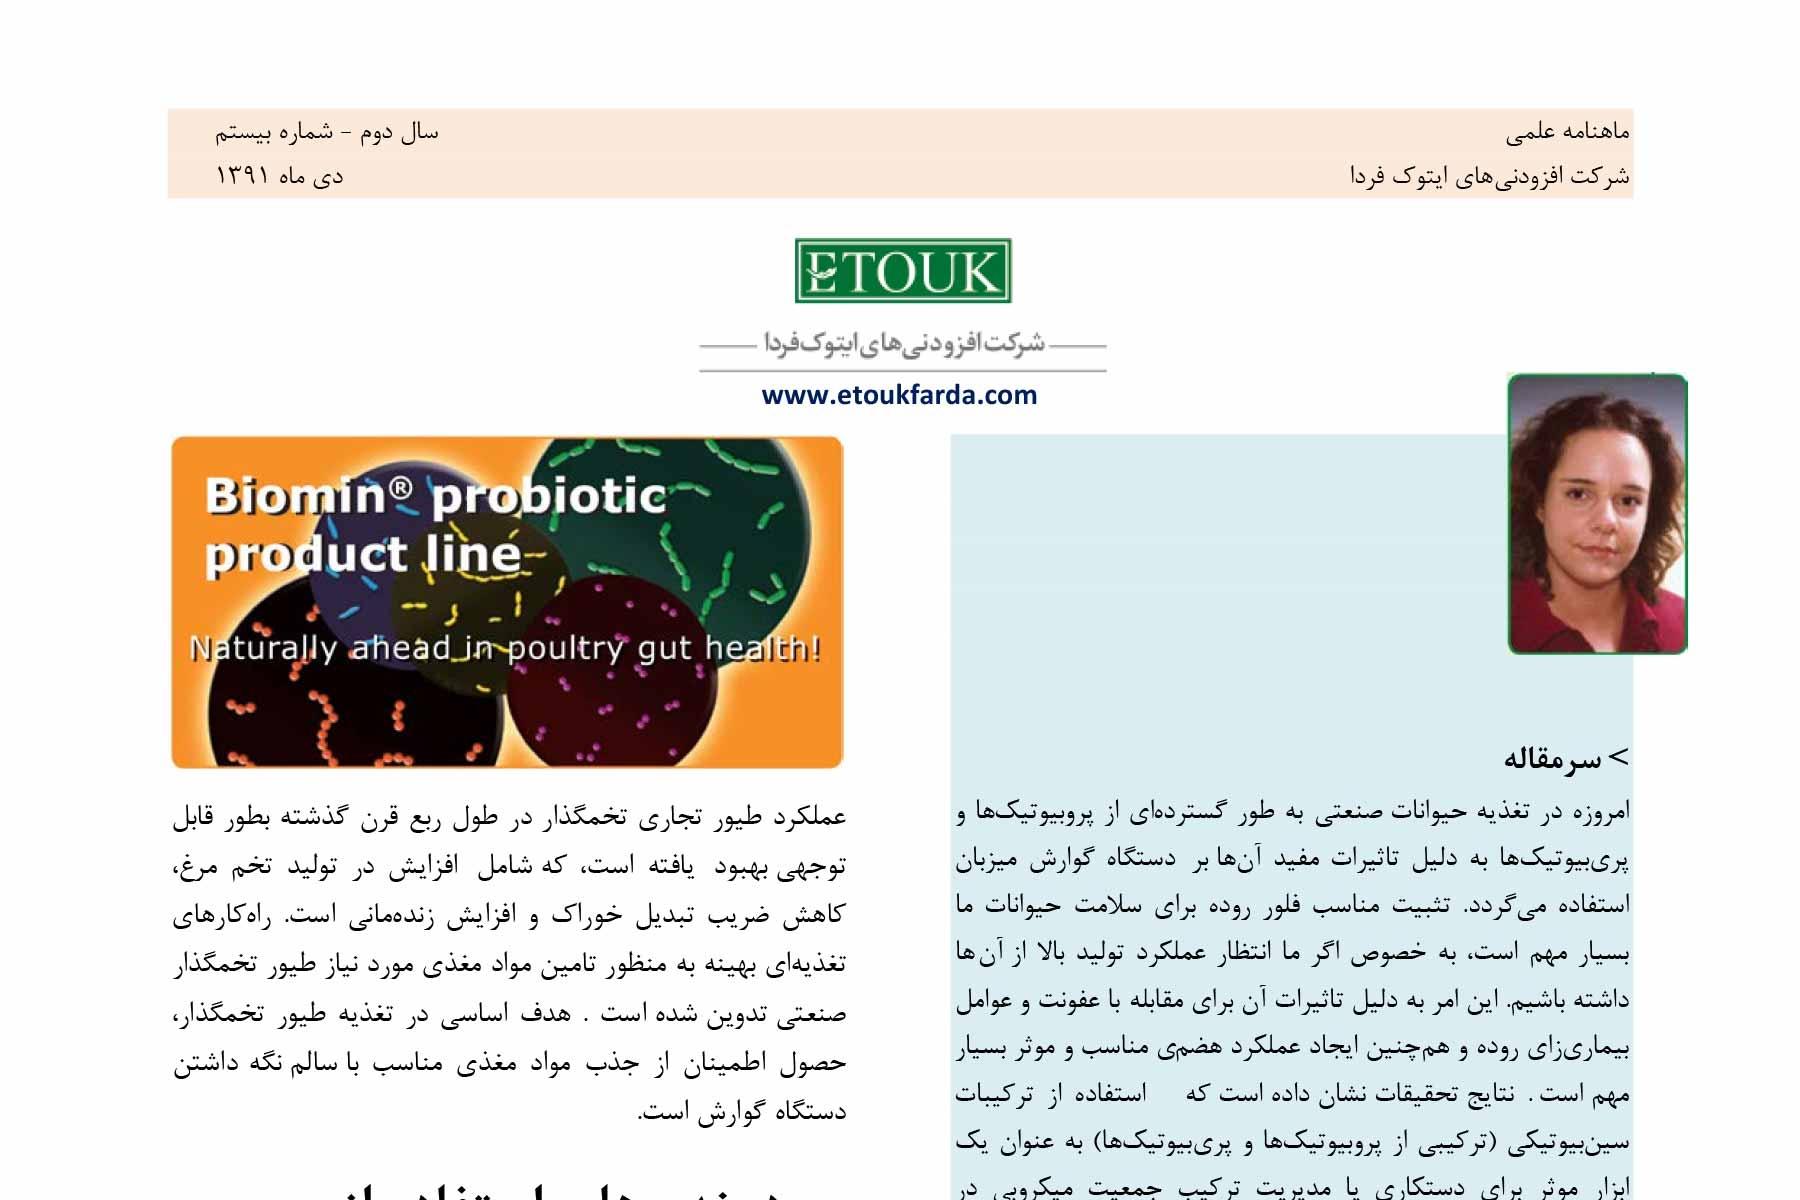 سودمندیهای استفاده از بایومین® ایمبو در تولید طیور تخمگذار